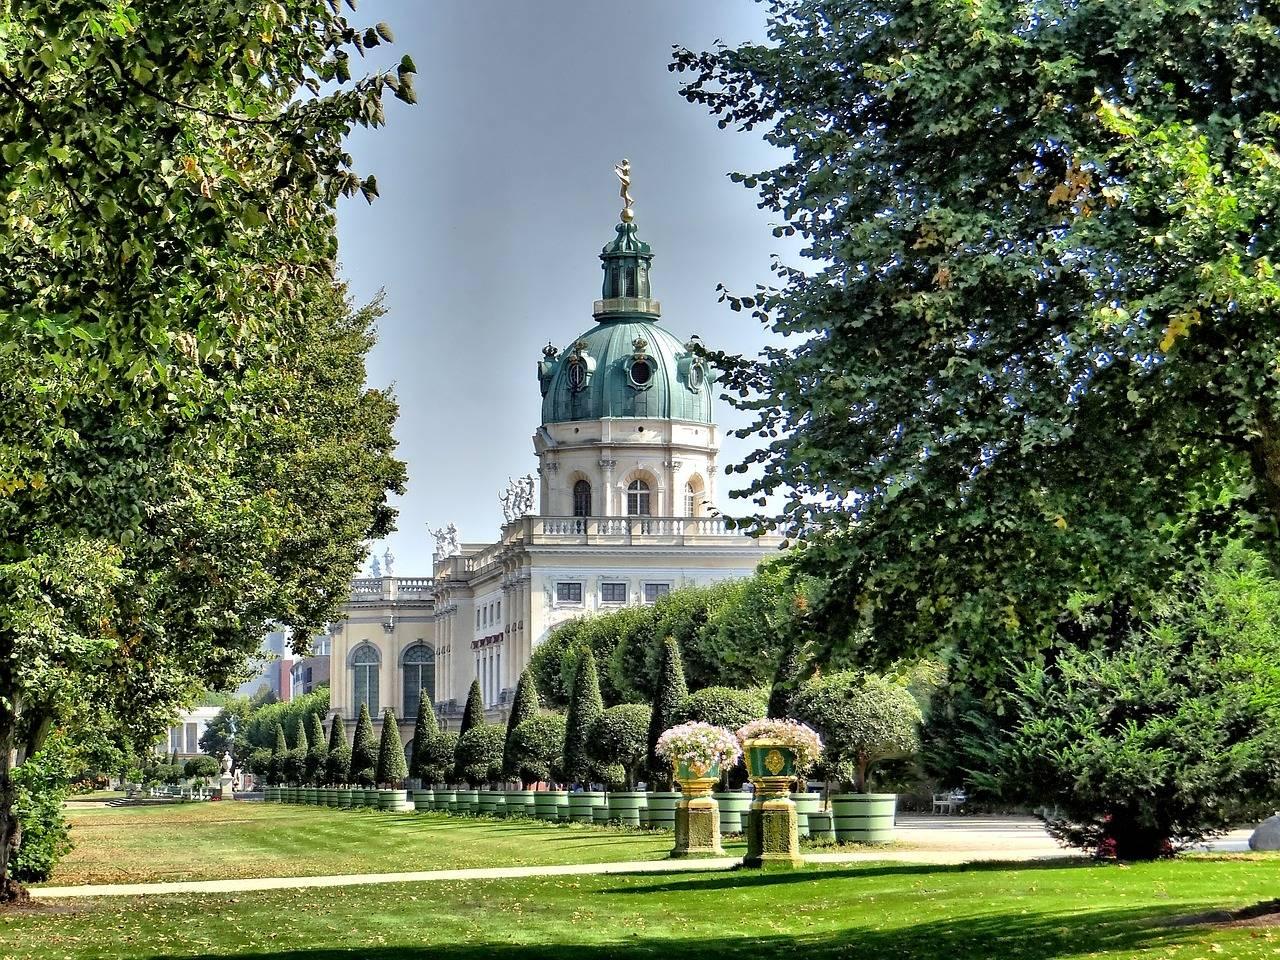 Замок шарлоттенбург, берлин (германия): история, фото, как добраться, адрес на карте и время работы в 2021